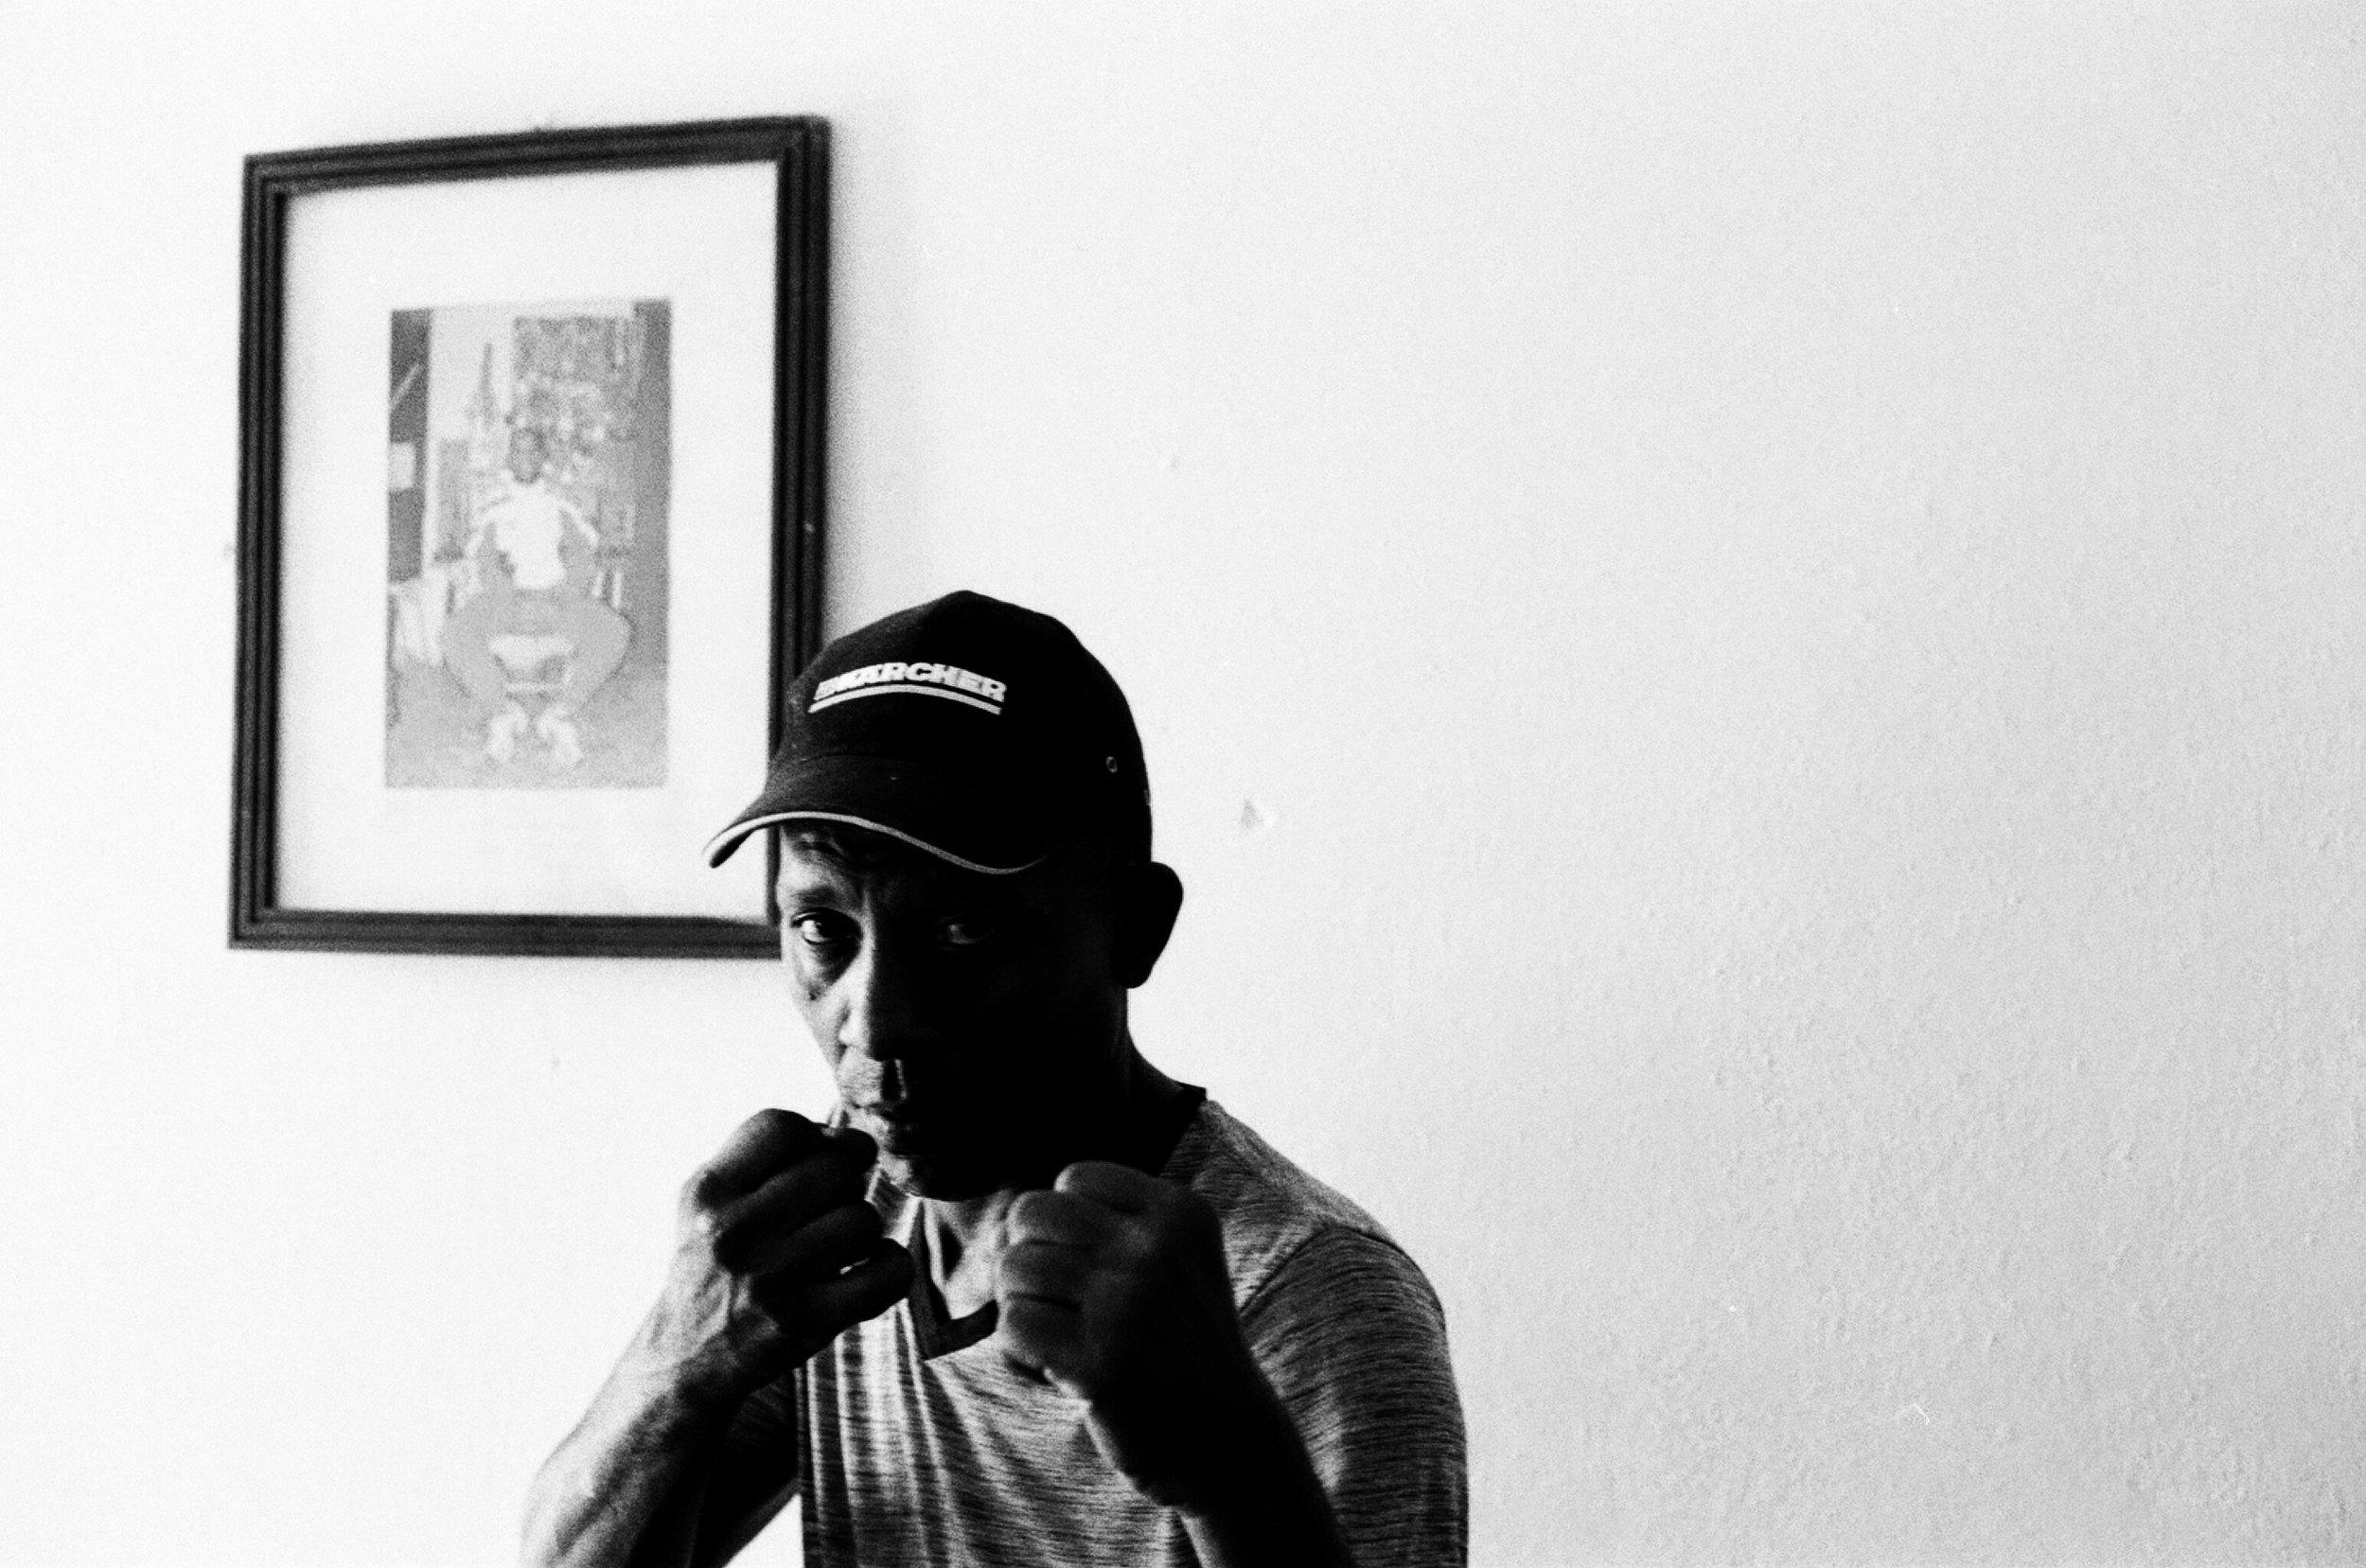 Enrique Carrión, 48 ans, champion de boxe amateur entre 1983 et 2000. Champion du monde en 1989 à Moscou dans la catégorie poids coqs. «  La vie est tranquille à Santiago de Cuba. Les choses s'améliorent doucement depuis la passation de pouvoir de Fidèl à son frère Raul. Je pense que cela va aller mieux avec le nouveau président (Miguel Diaz-Canel).  »